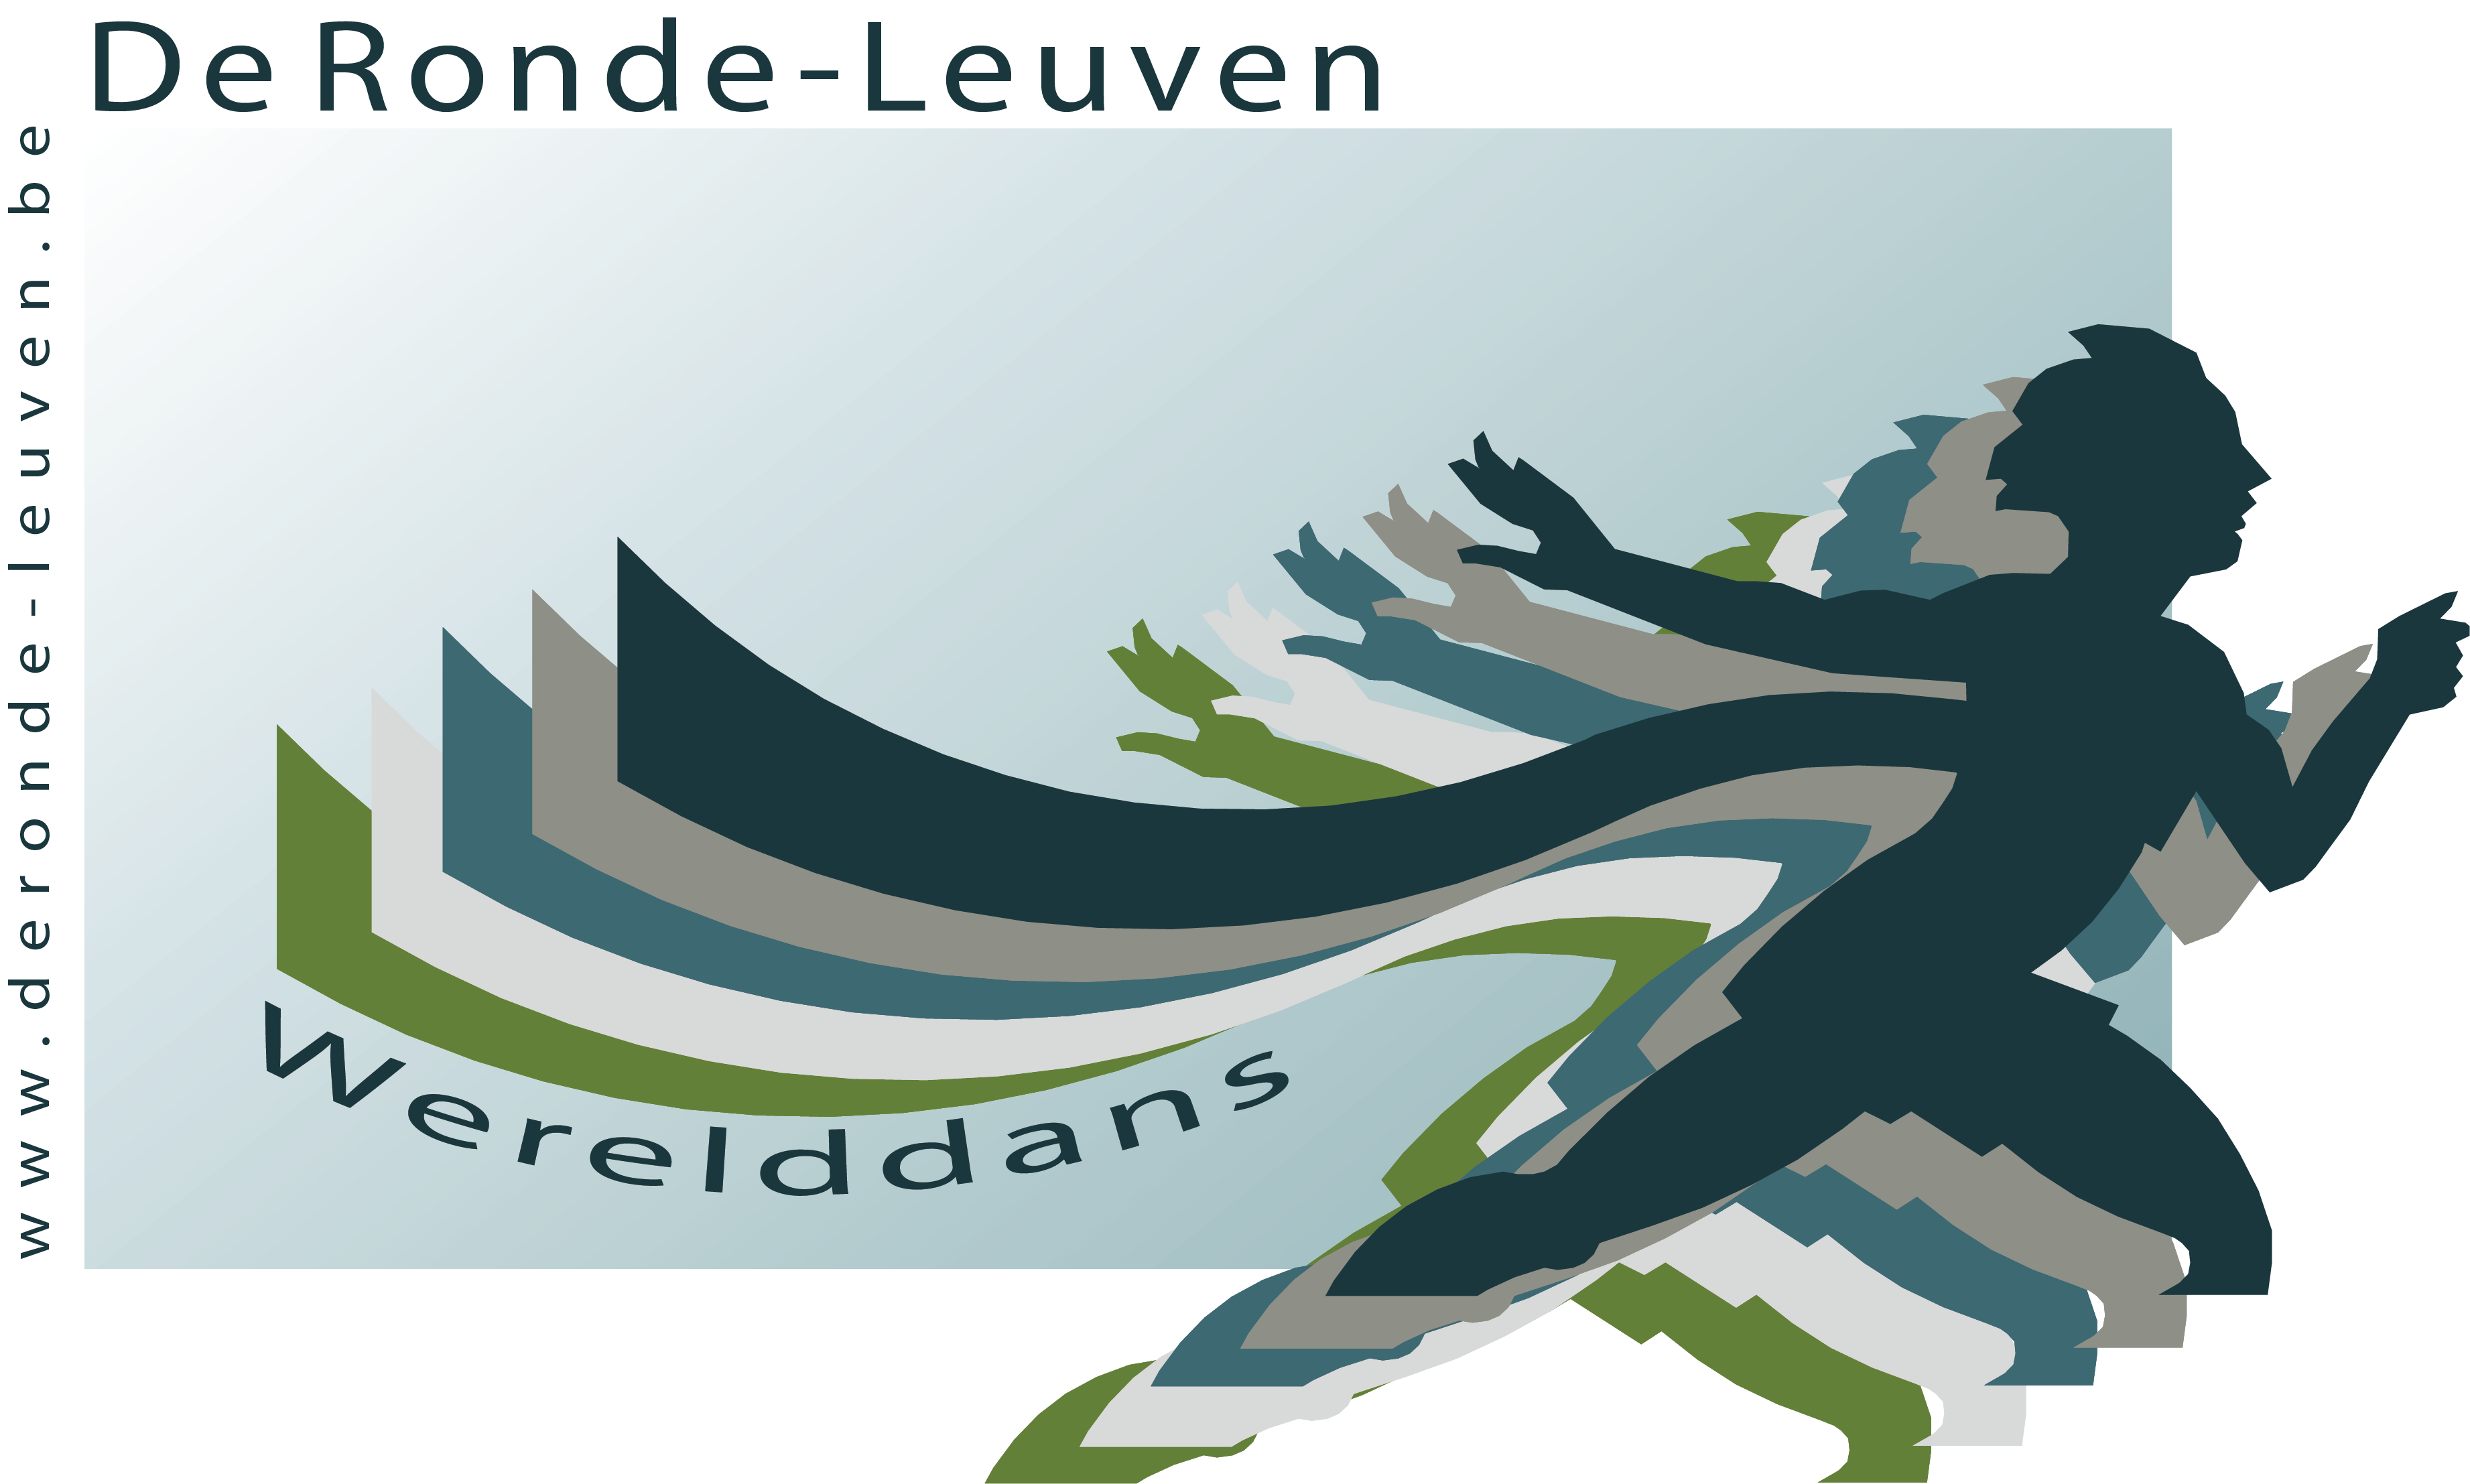 Werelddans De Ronde-Leuven